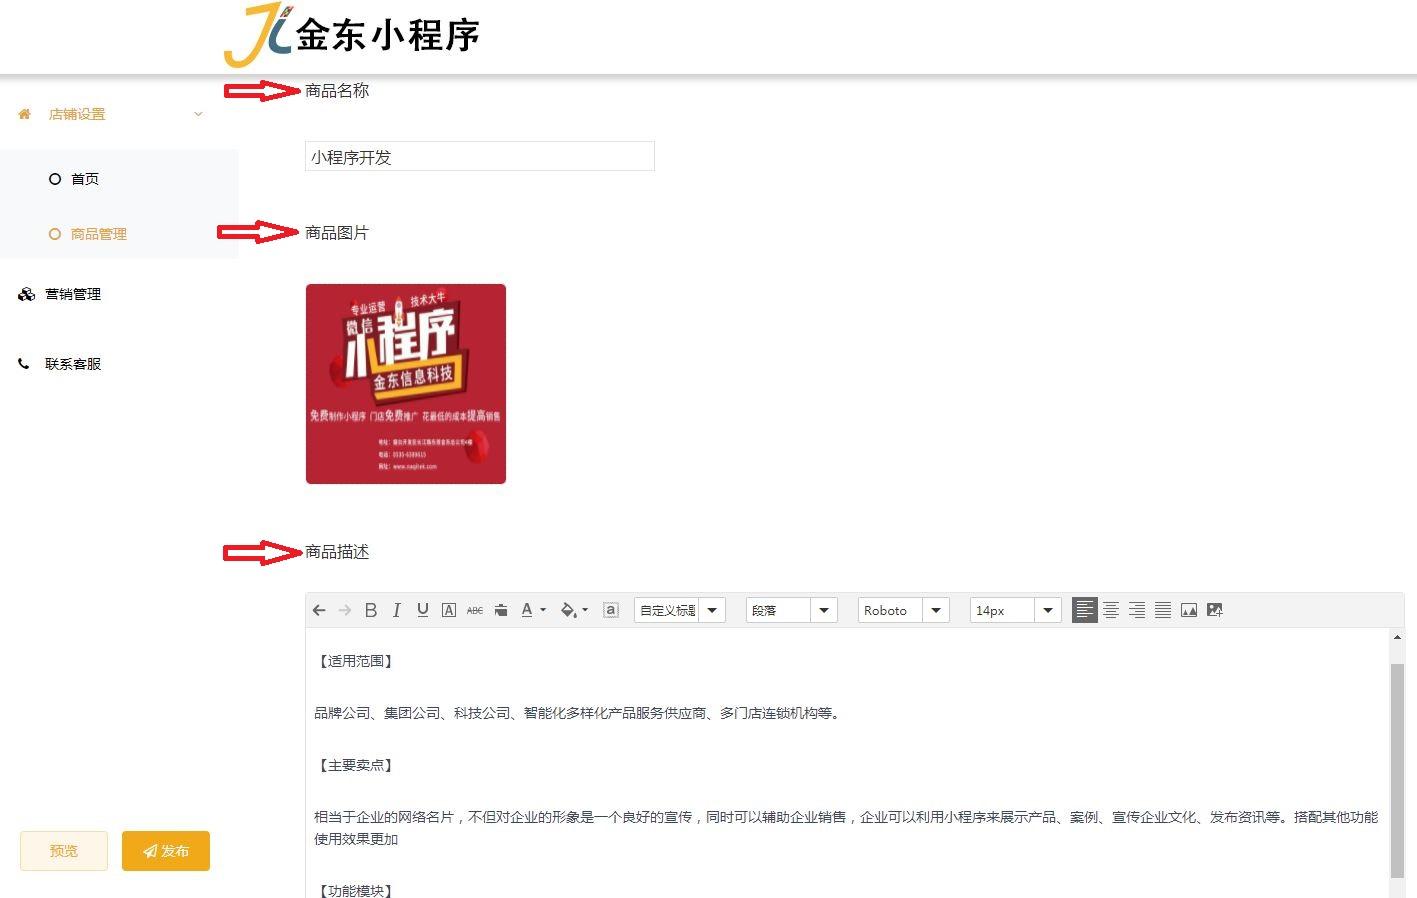 官网小程序新增商品